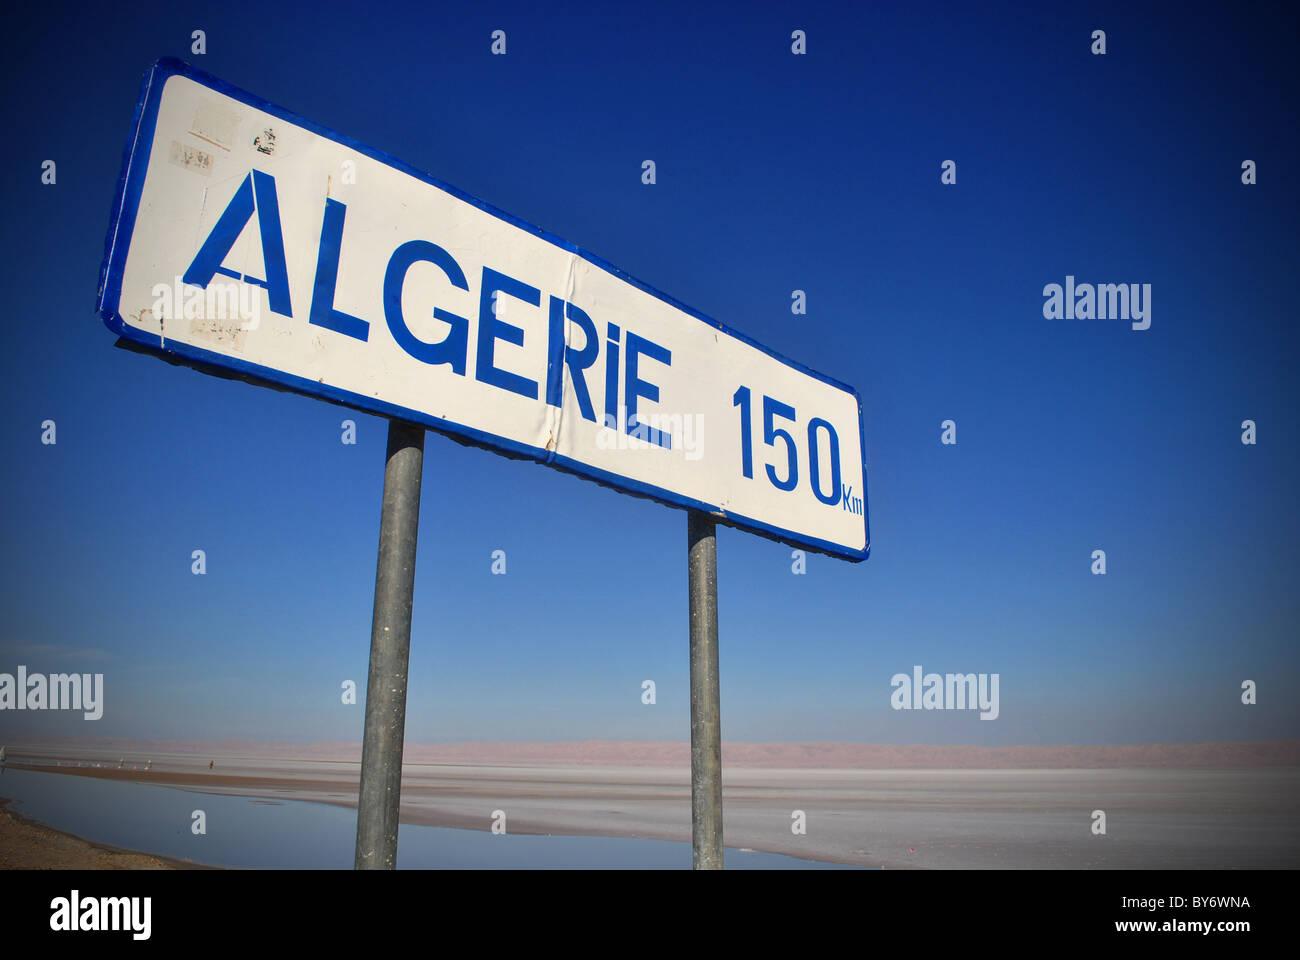 Un roadsign sur le chemin de l'Algérie, près de Tozeur, Tunisie Photo Stock